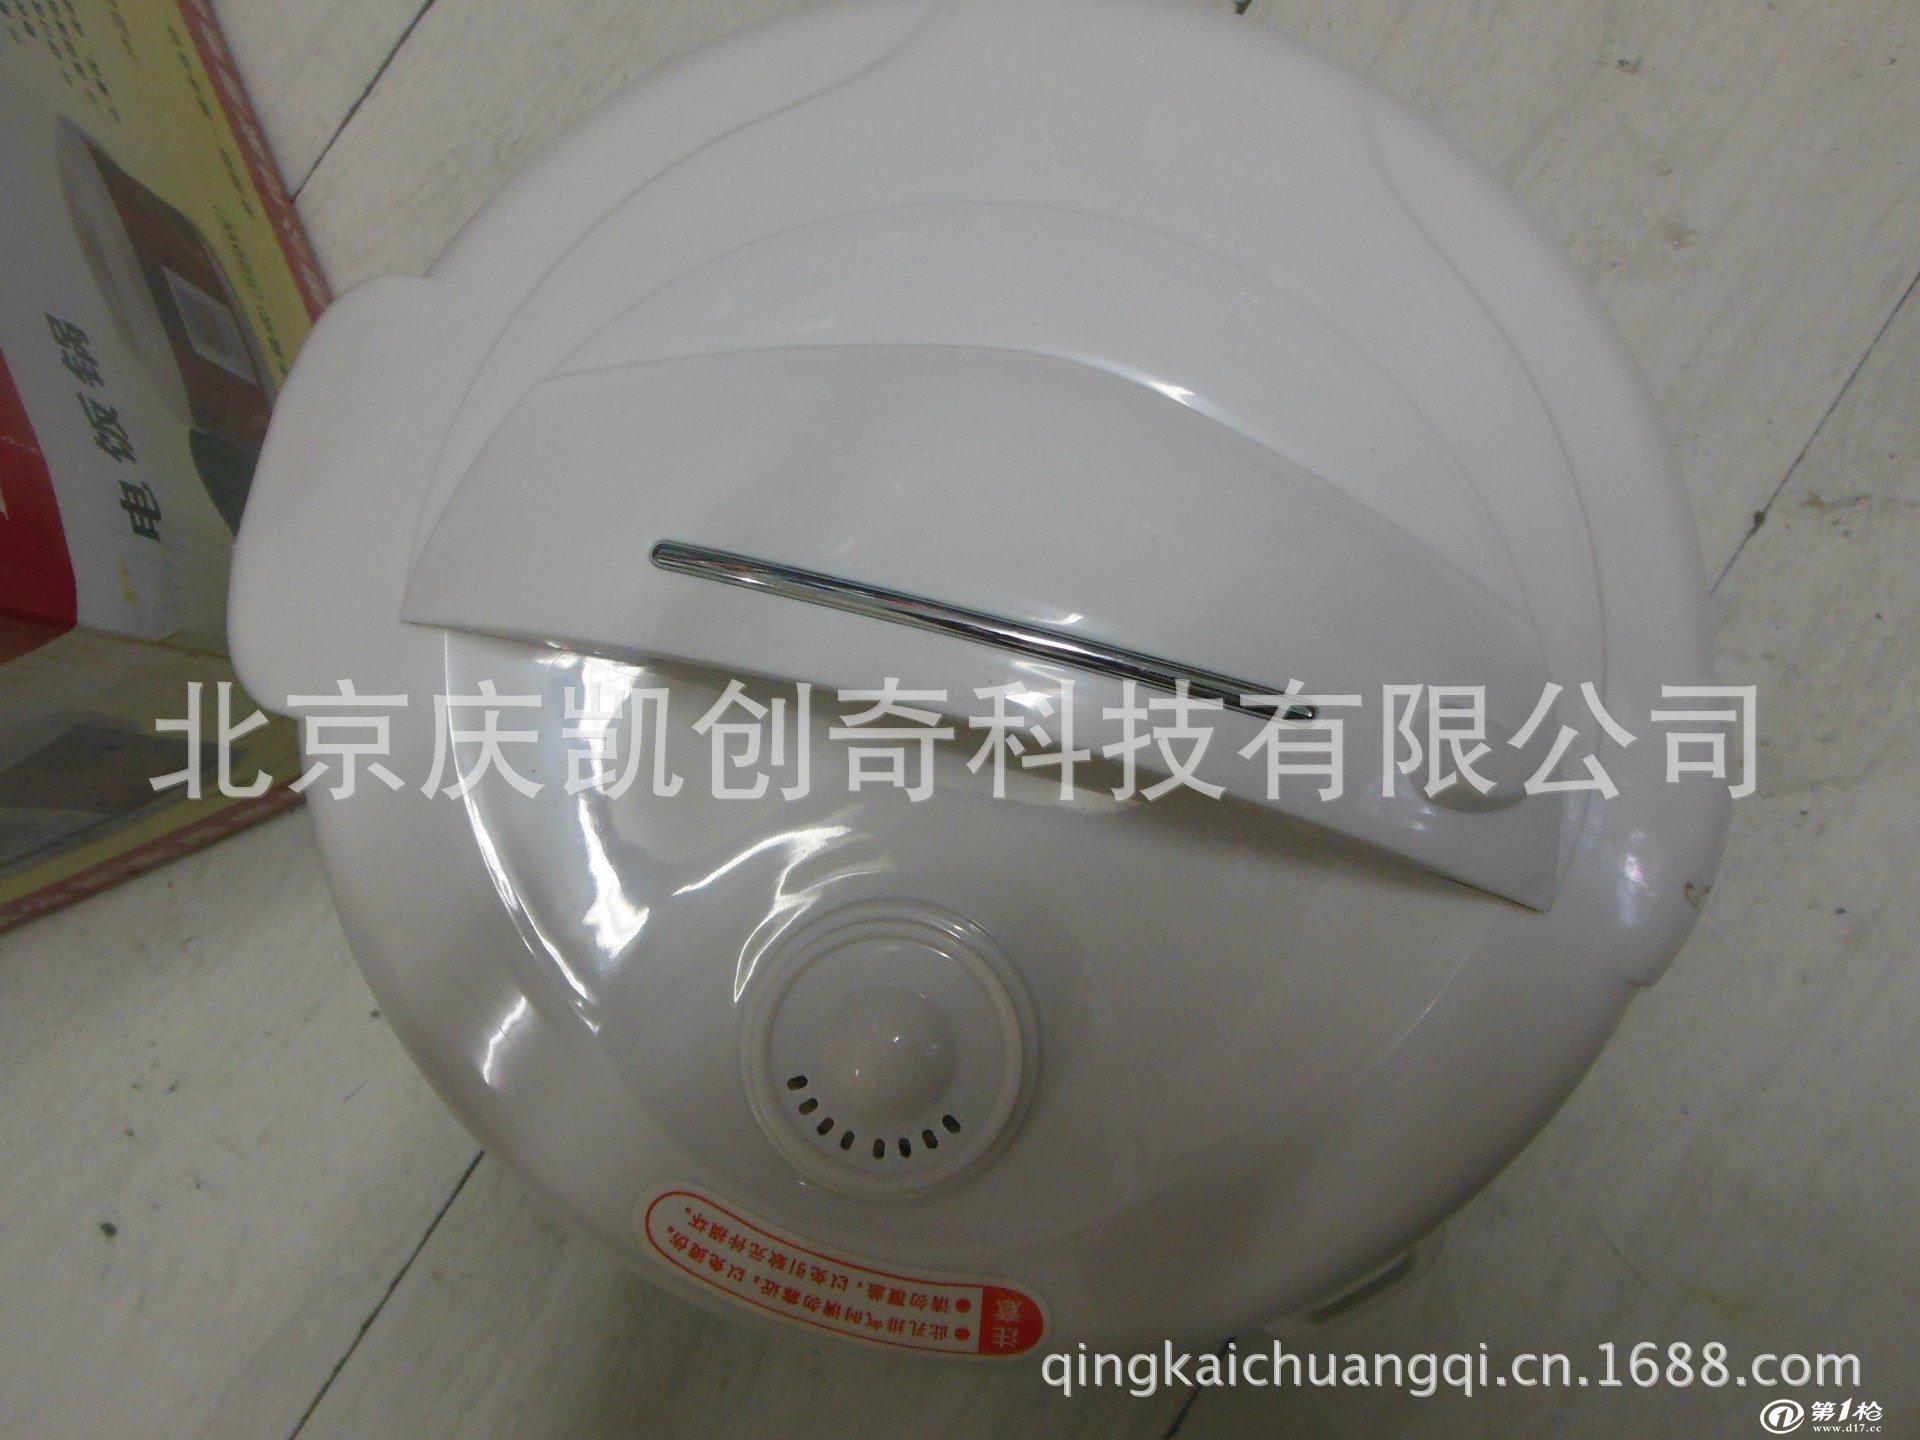 半球电器 电饭锅3l 500w西施煲 电饭锅半球 合家欢 半球电饭煲